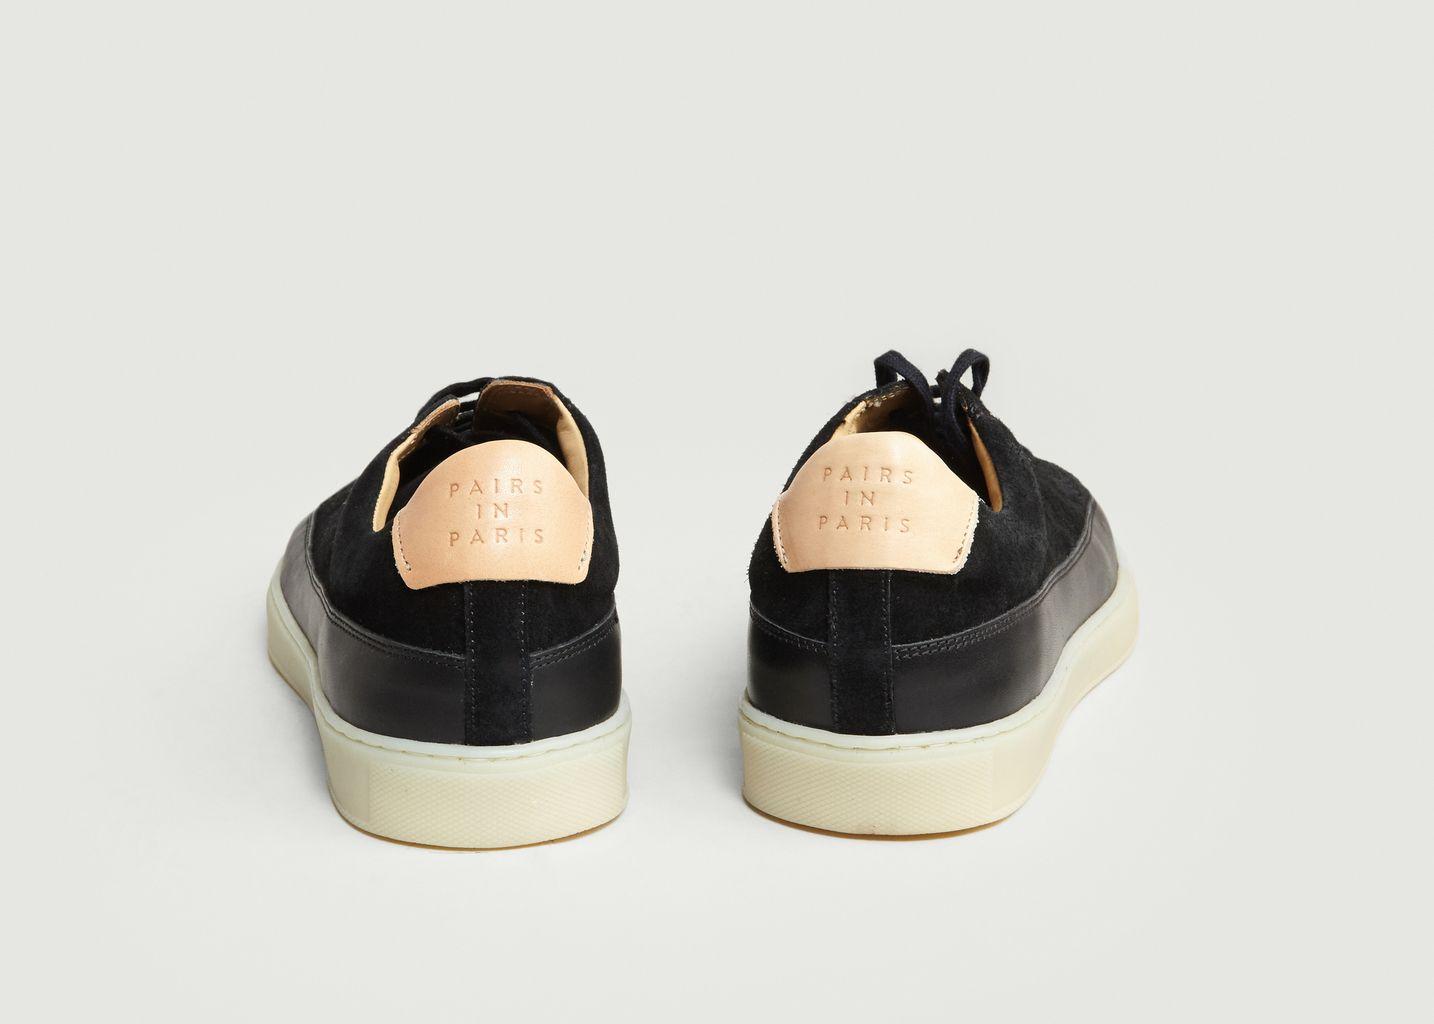 Sneakers N°25 Bastille  - Pairs in Paris